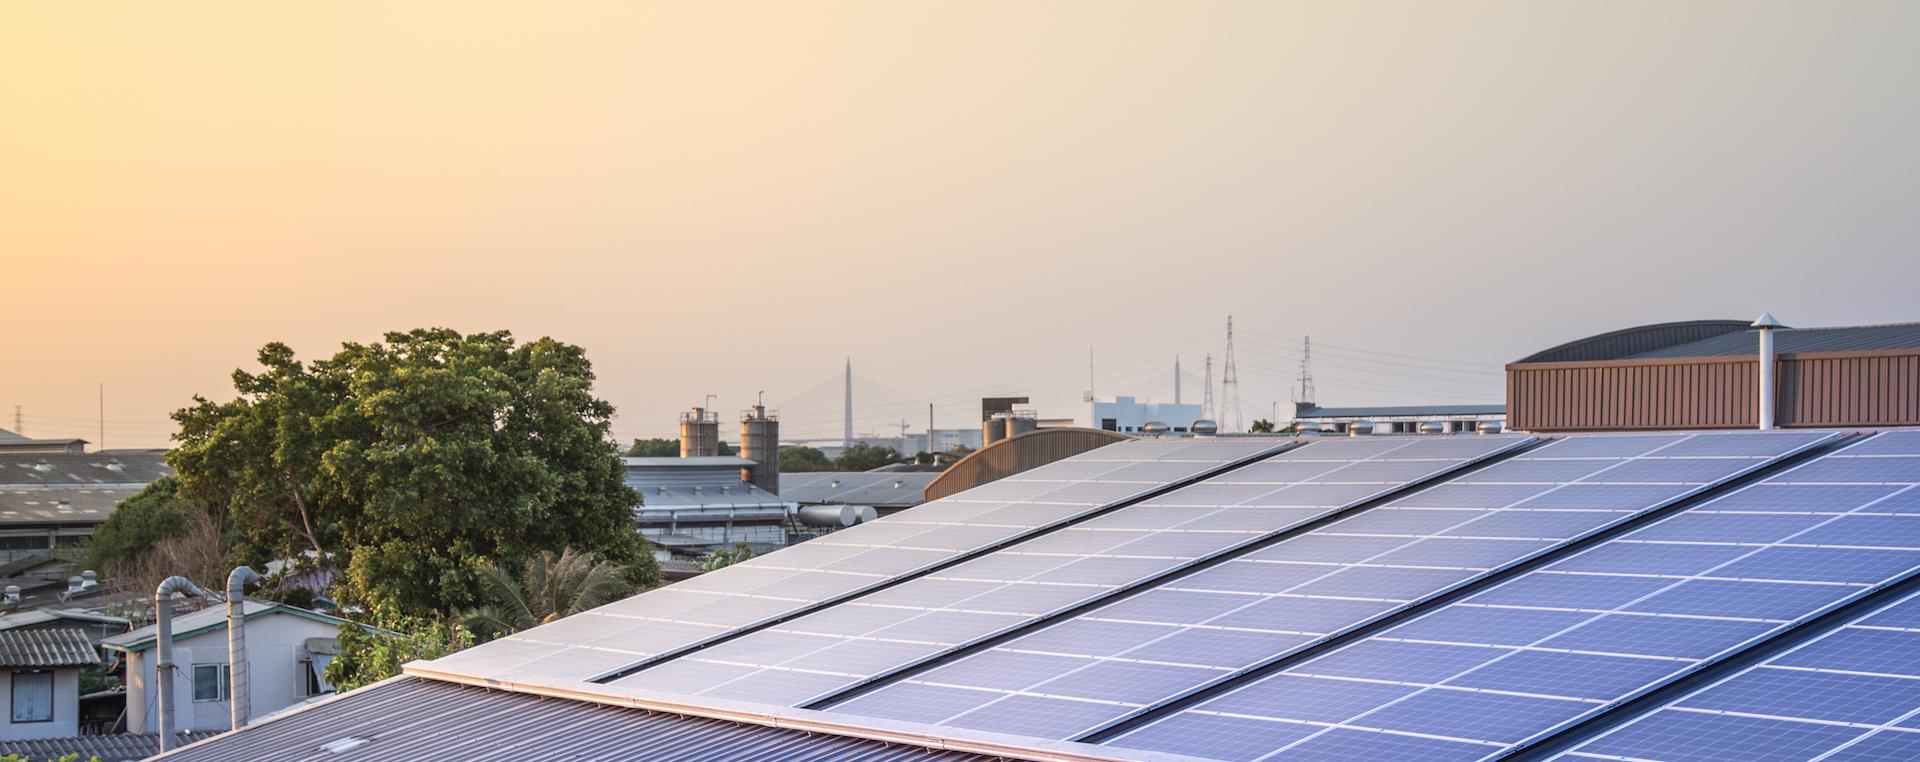 我家也能賣綠電 台灣第一個碳交易平台將落腳台東